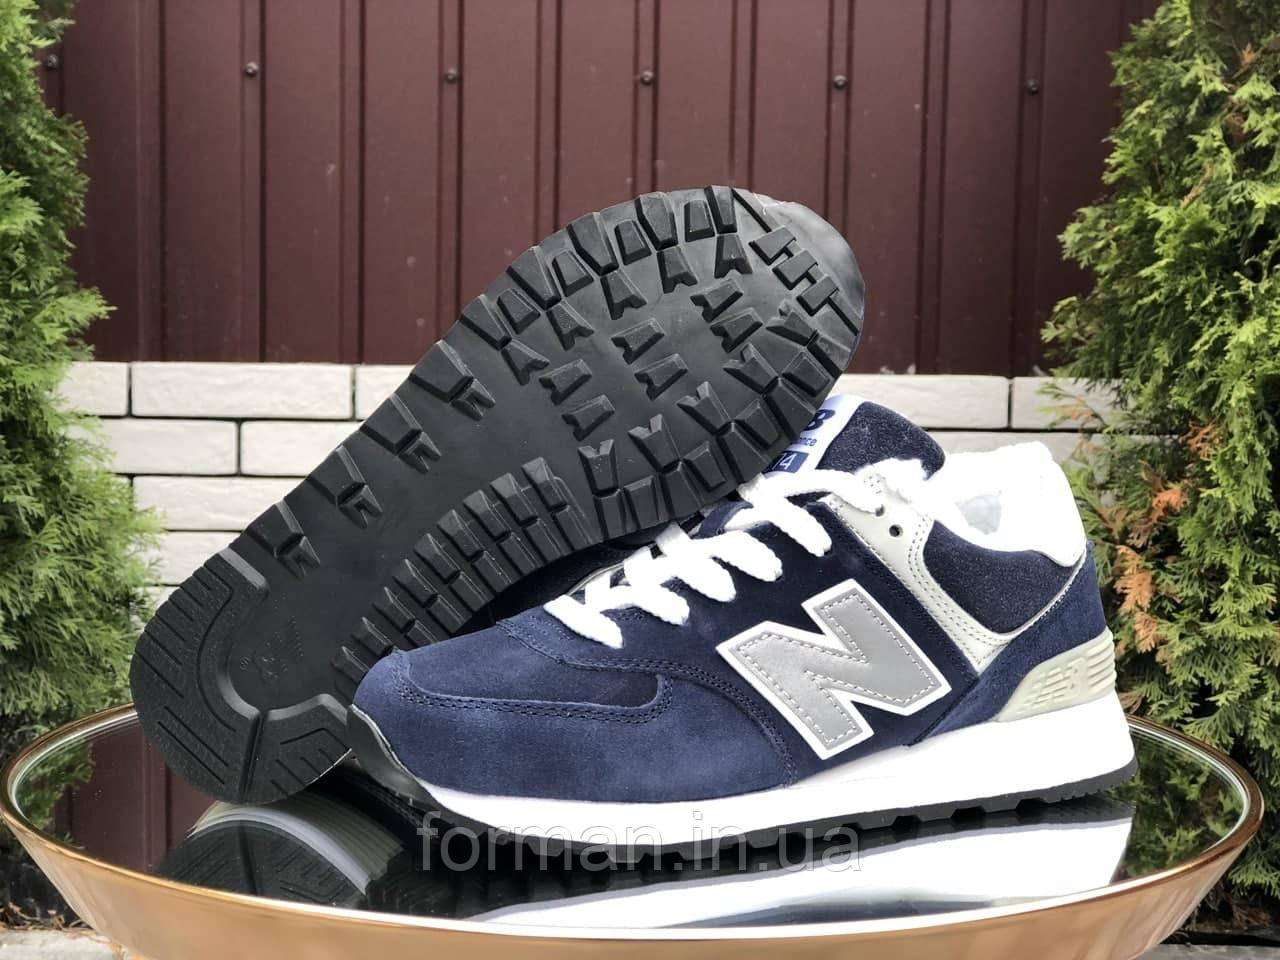 Женские зимние кроссовки замшевые New Balance тёмно синие